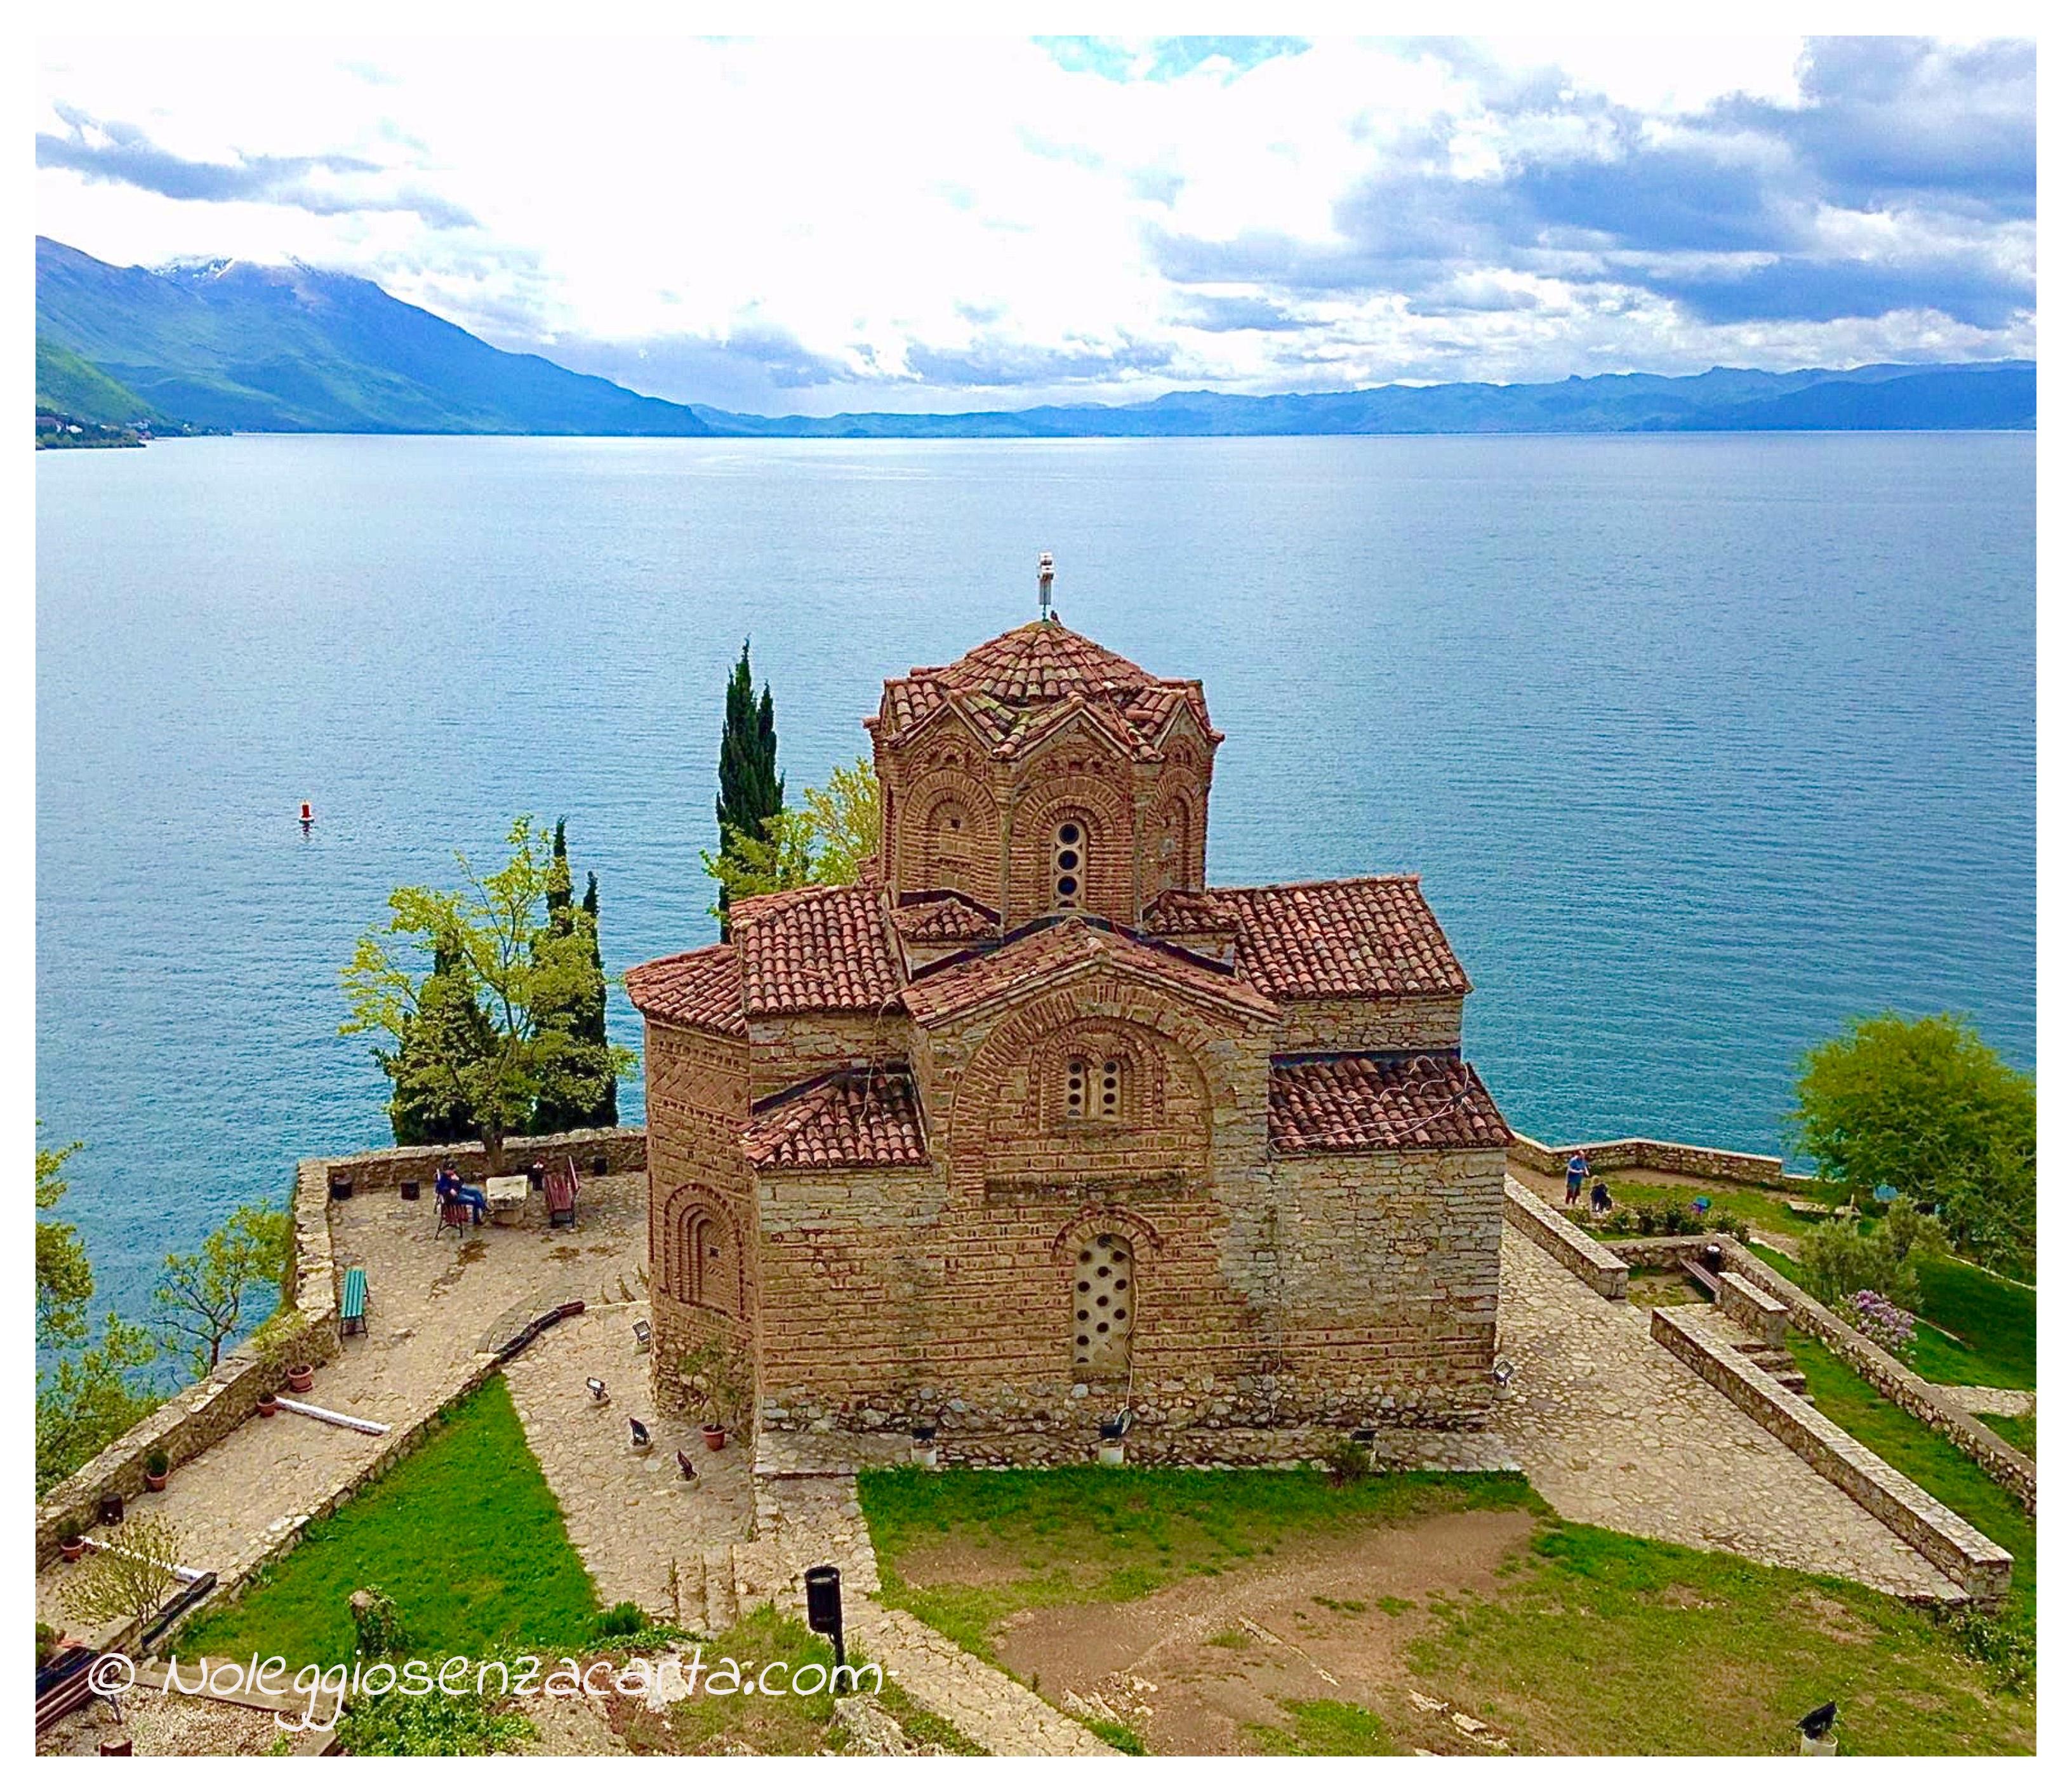 Noleggiare auto senza carta di credito in Macedonia